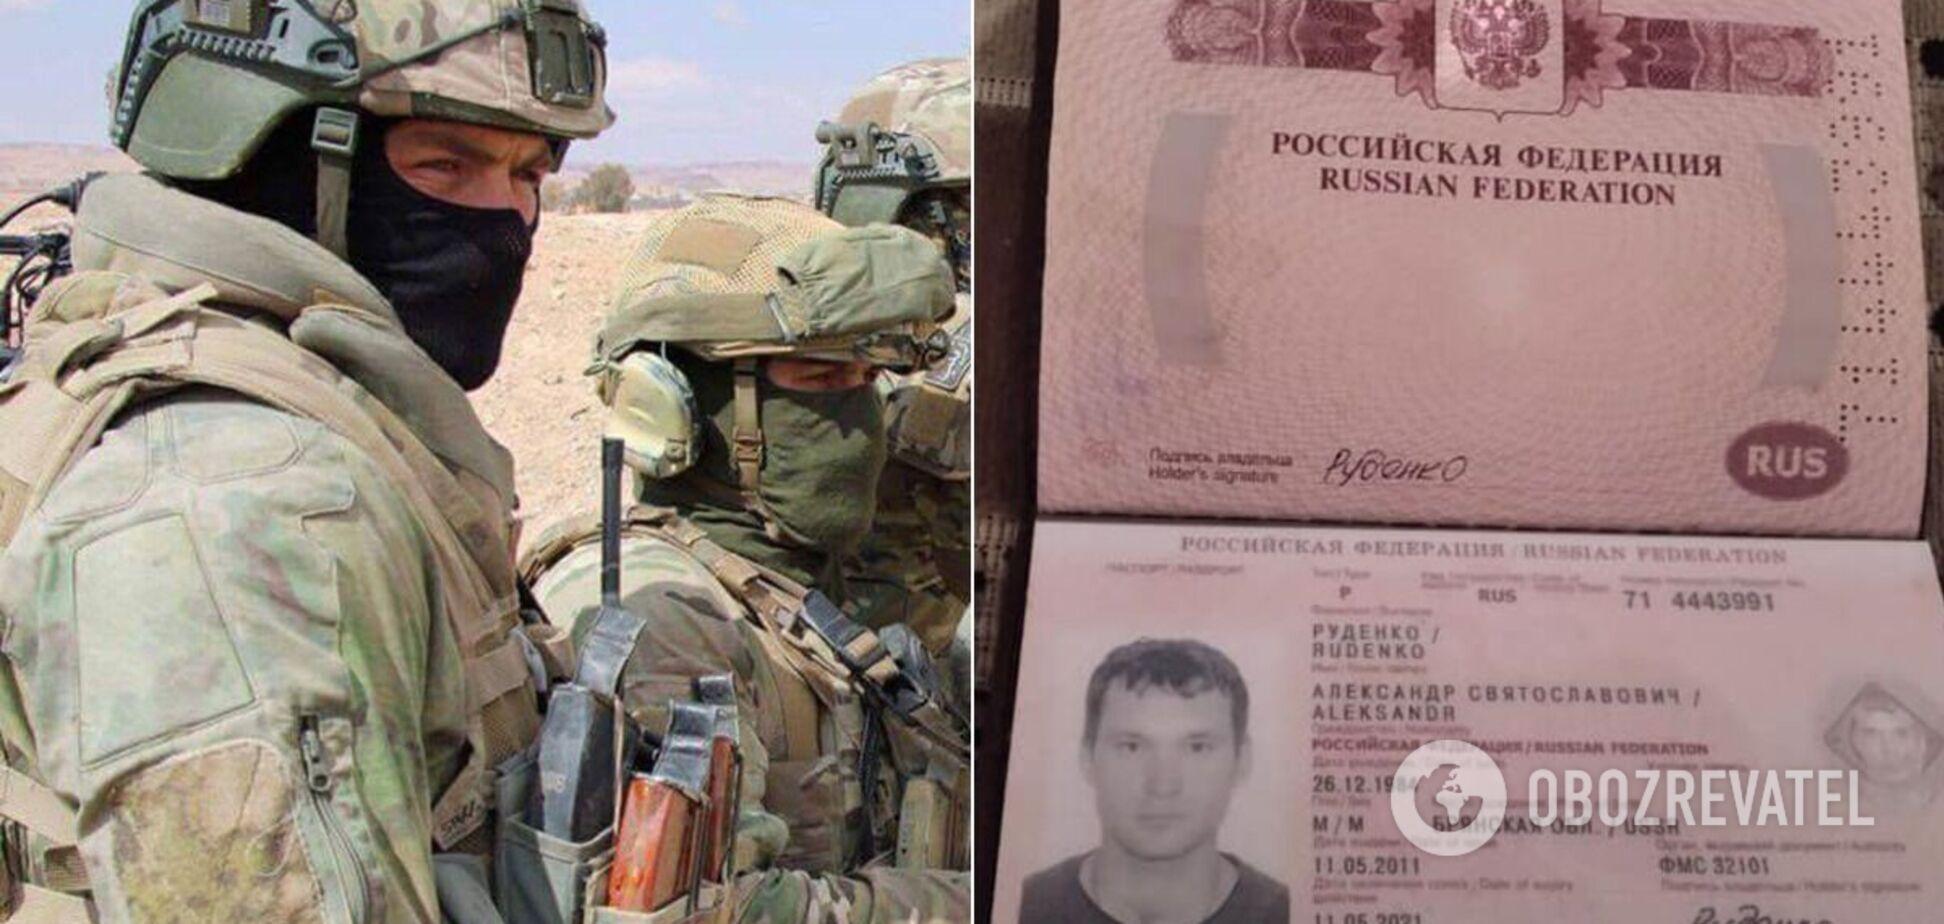 Арьев опубликовал доказательства срыва спецоперации по 'вагнеровцам'. Фото и документы